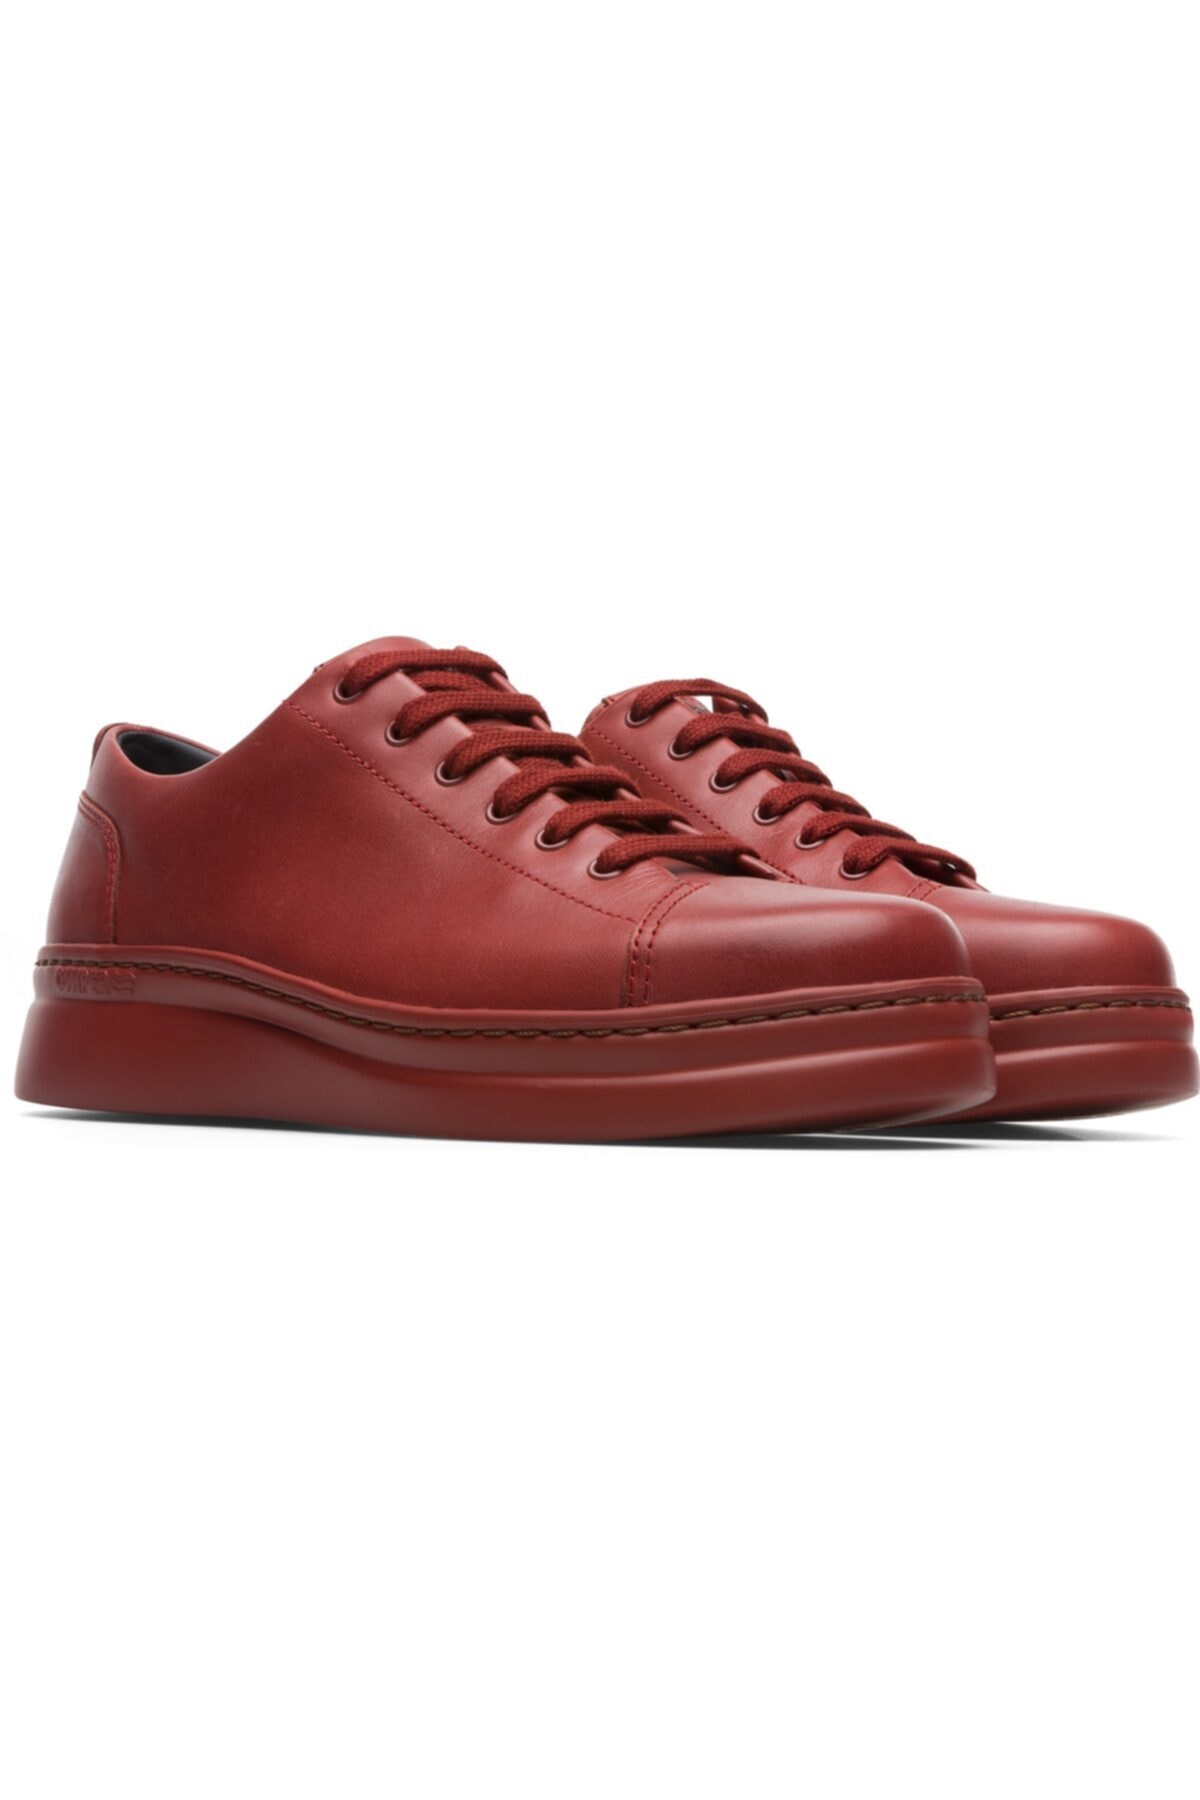 CAMPER Kadın Kahverengi Ayakkabı 2